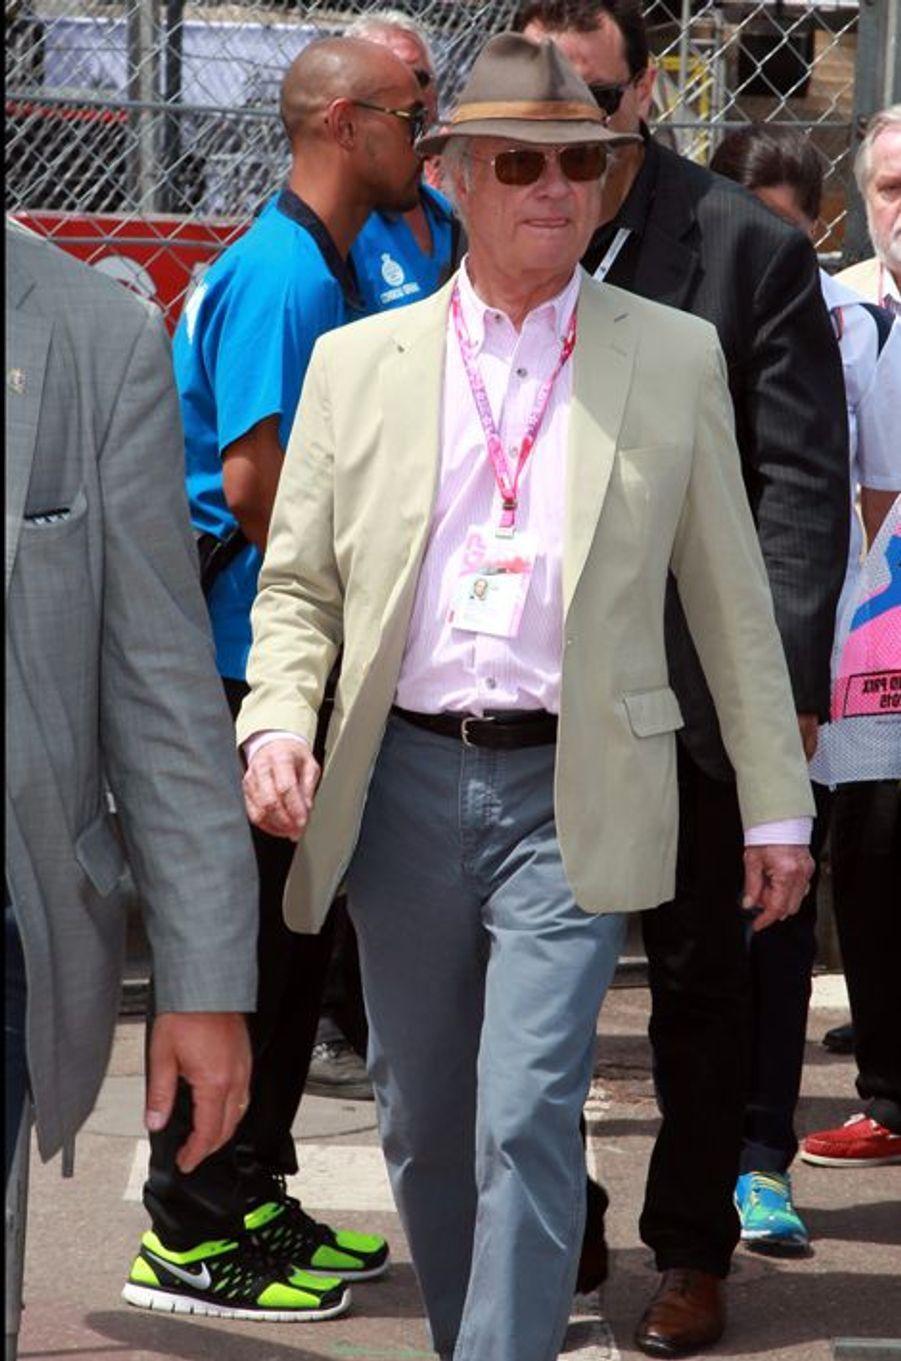 Ce week-end, la Principauté de Monaco a vibré au rythme des vrombissements des moteurs des voitures engagées dans le Grand Prix de Formule 1, sous les yeux du prince Albert II de Monaco accompagné de la princesse Charlène ou encore de ceux de Pierre Casiraghi, le plus jeune fils de la princesse Caroline de Monaco, venu avec sa fiancée italienne Beatrice Borromeo. Mais le roi Carl XVI Gustaf de Suède et son épouse la reine Silvia étaient là eux aussi ce samedi 23 mai.Chaque dimanche, le Royal Blog de Paris Match vous propose de voir ou revoir les plus belles photographies de la semaine royale.